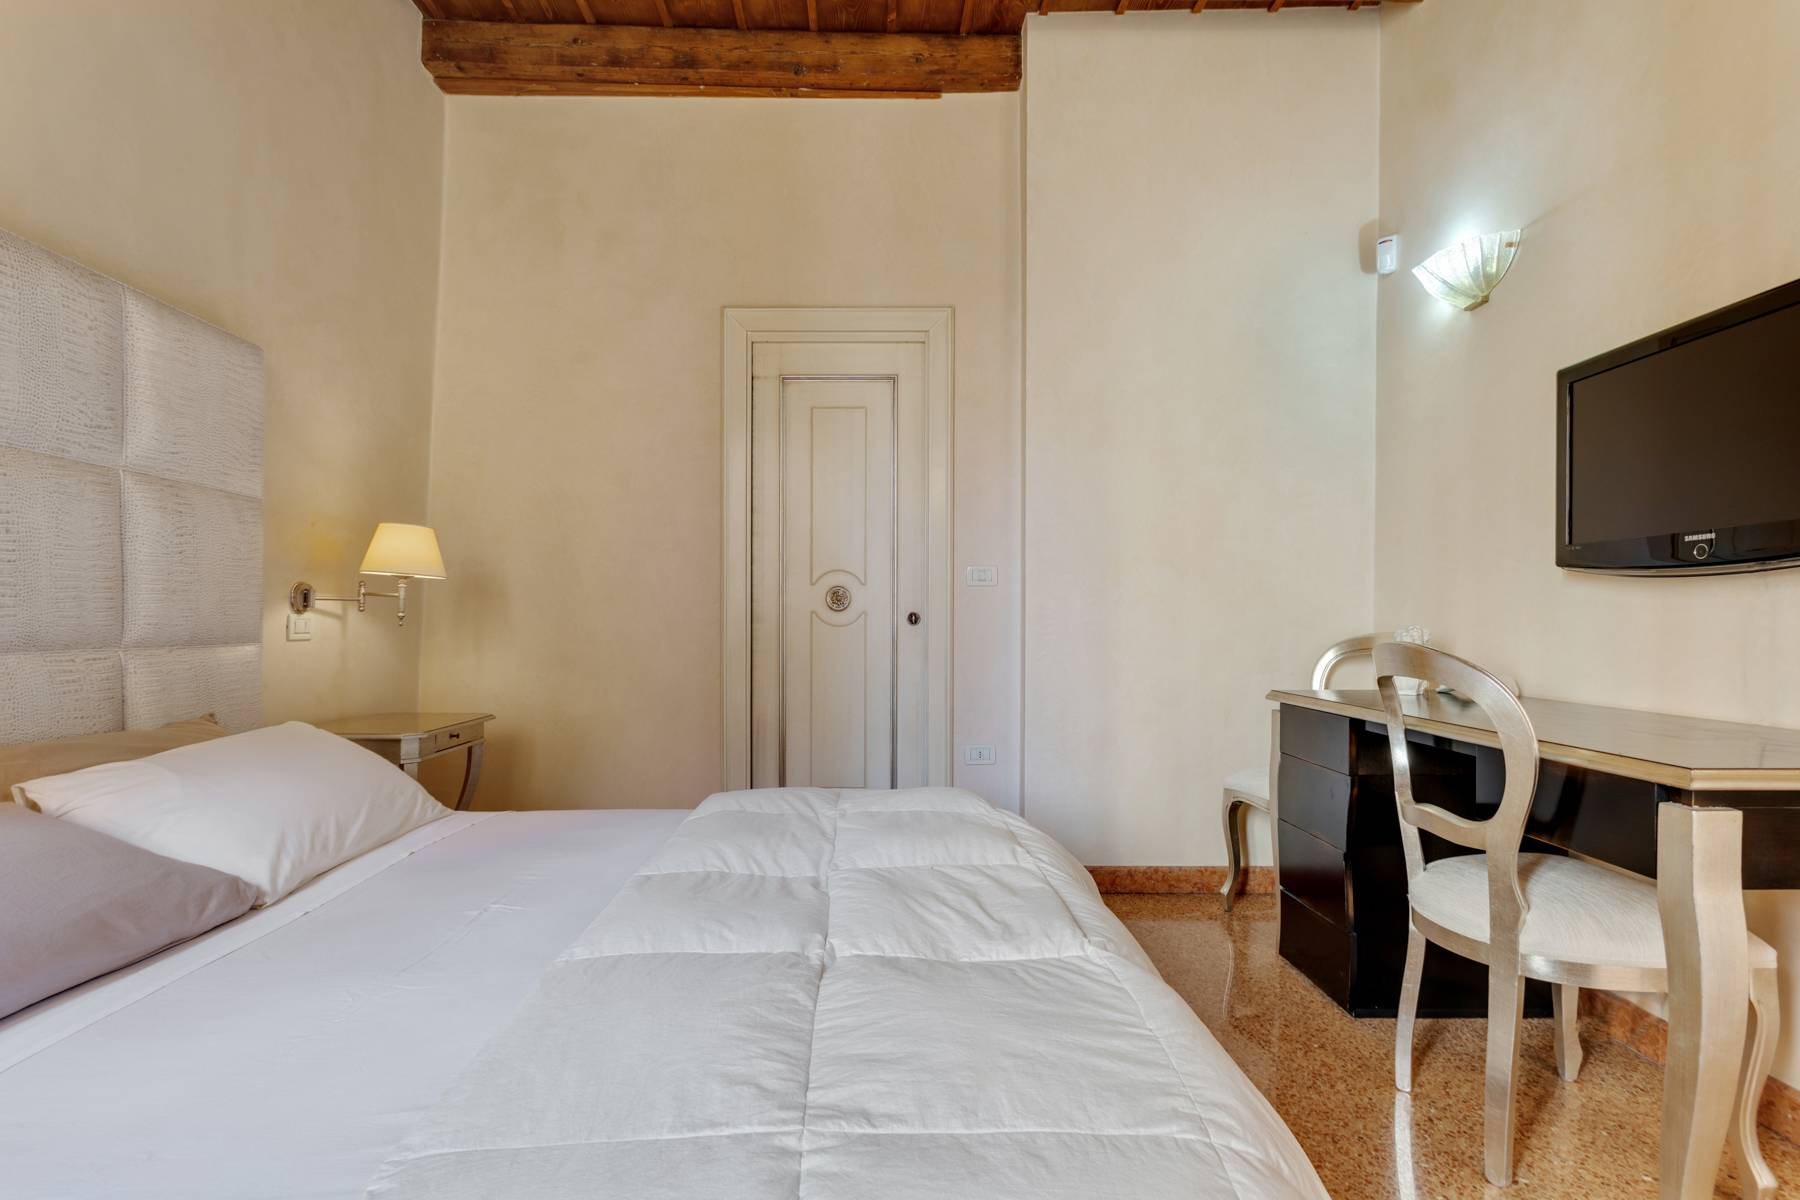 Appartamento in Vendita a Verona: 3 locali, 55 mq - Foto 21